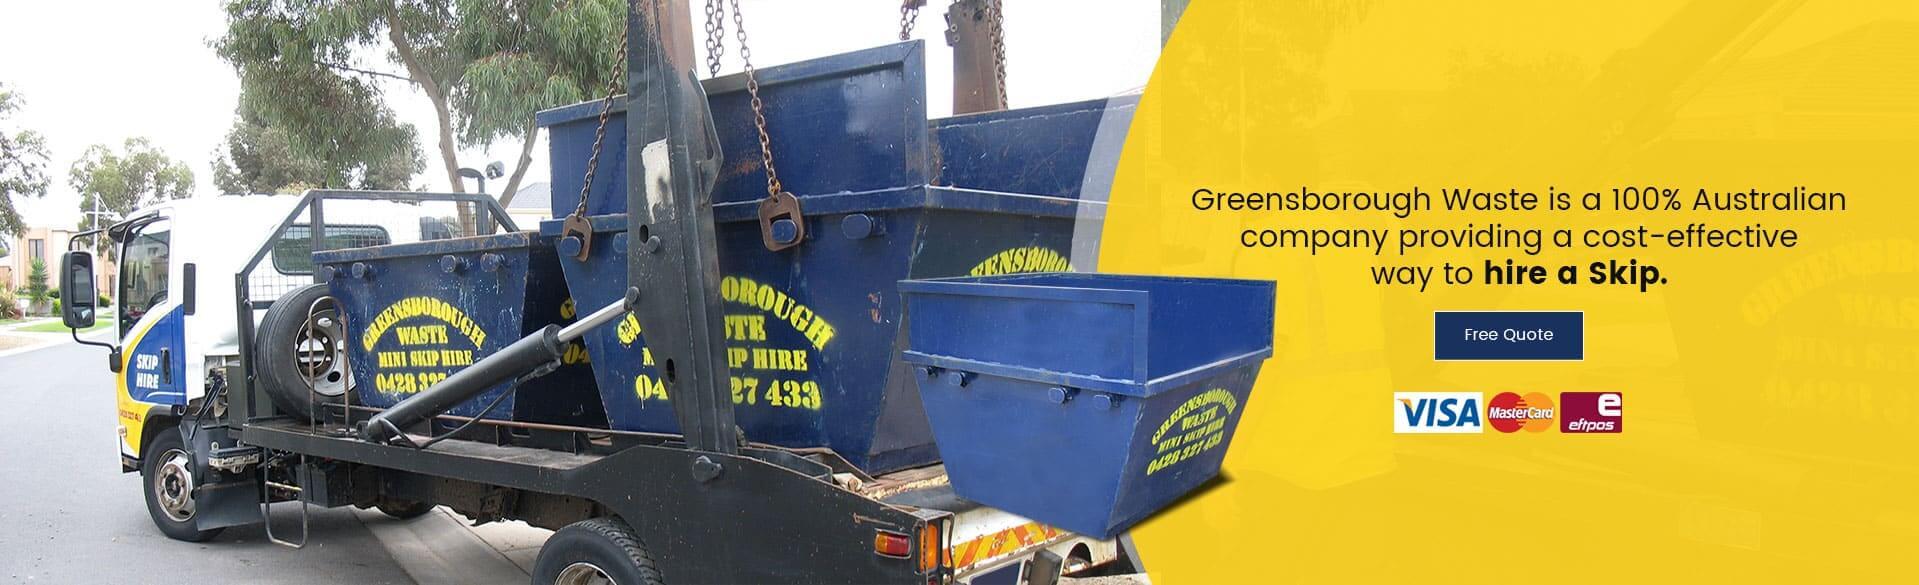 greensborough-waste-banner1